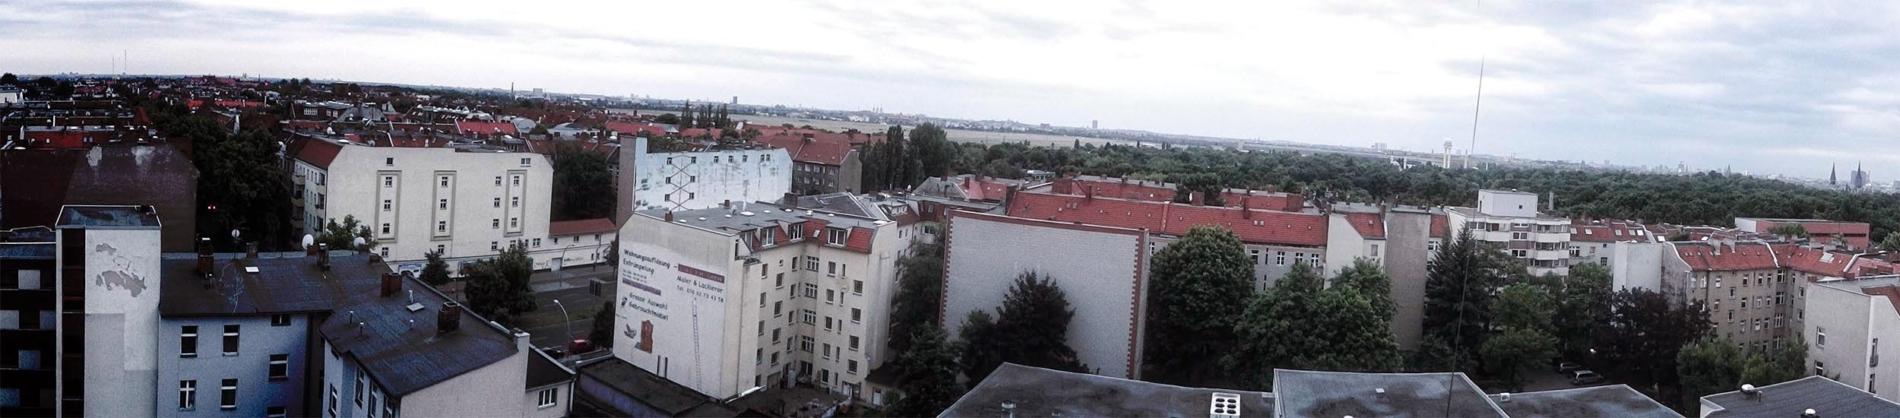 Aussicht Neukölln Panorama